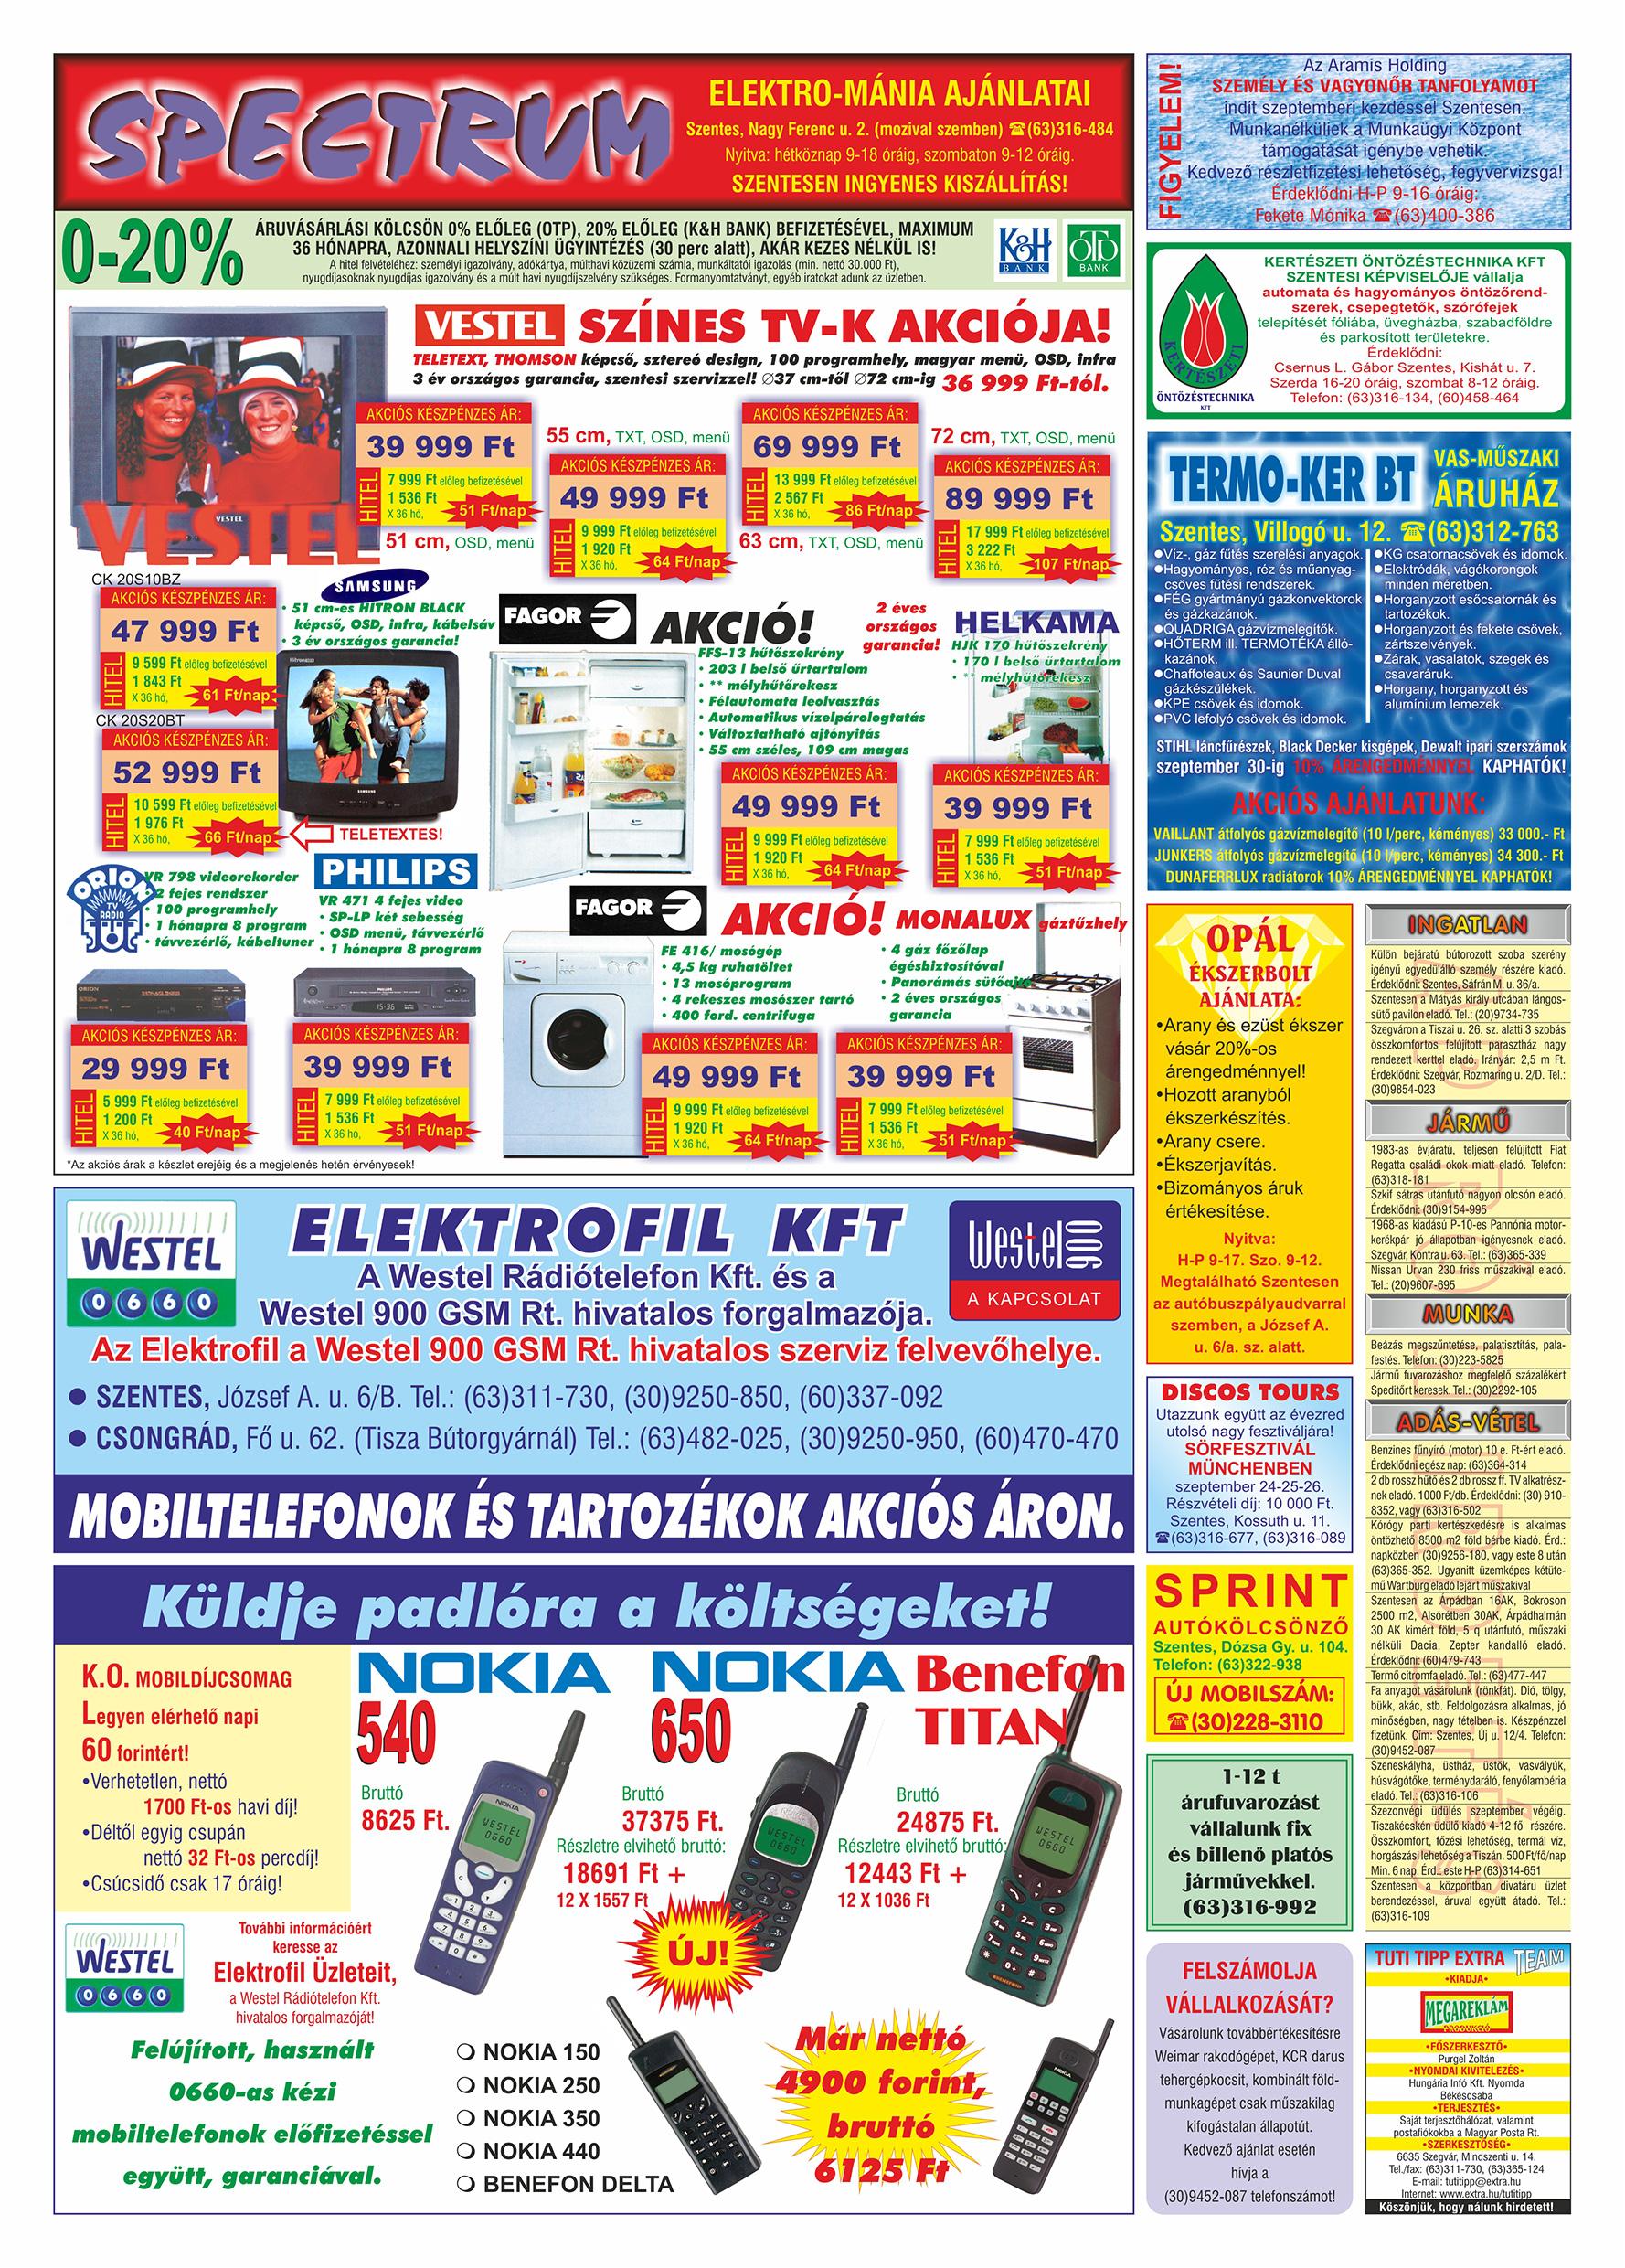 048 Tuti Tipp Extra reklámújság - 19990904-011. lapszám - 2.oldal - V. évfolyam.jpg